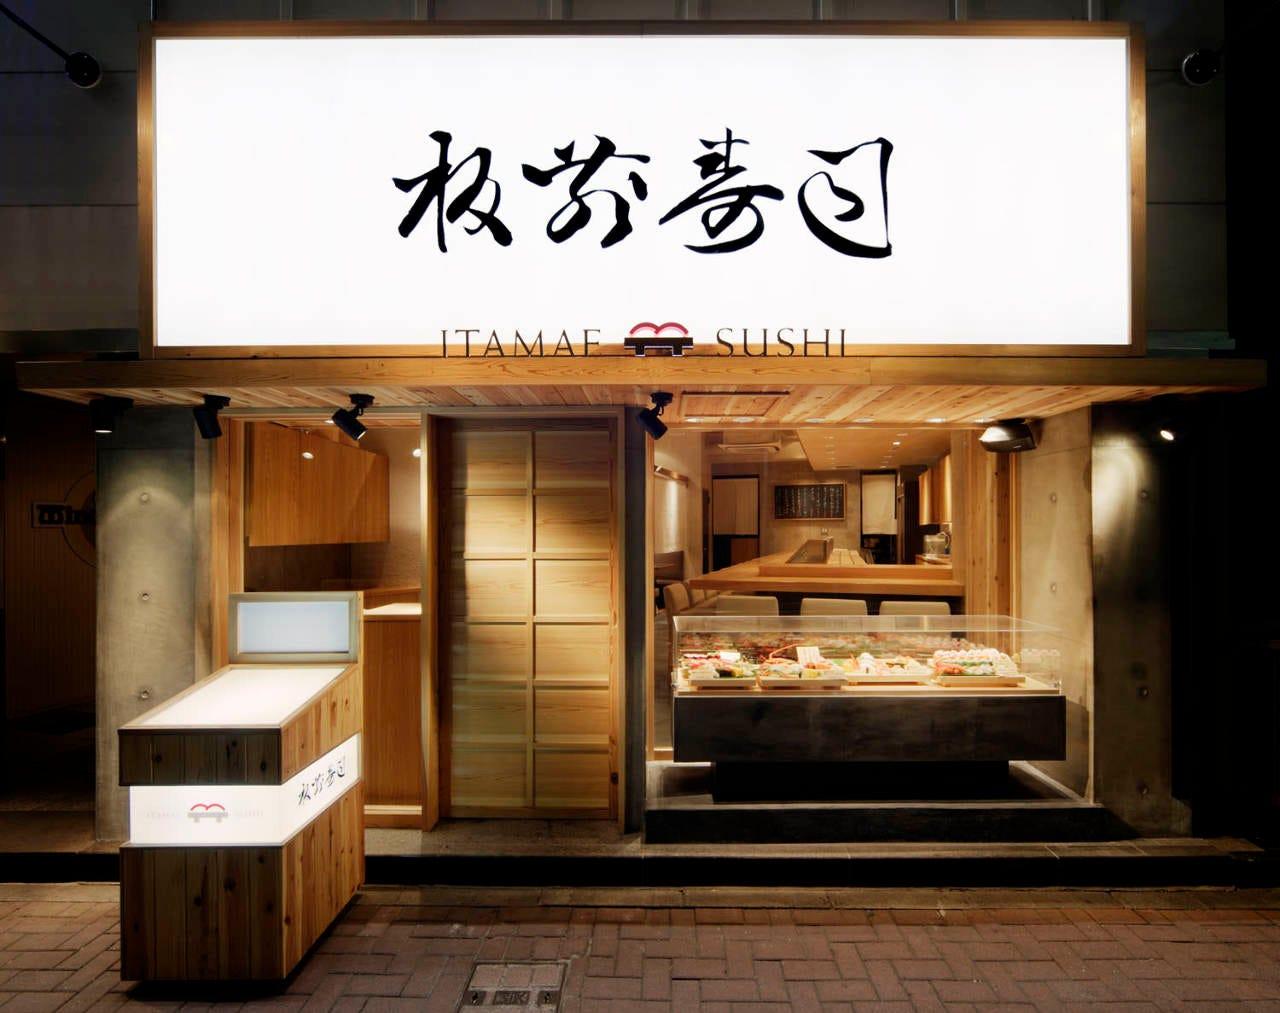 ITAMAE SUSHI Ginzakoridoten